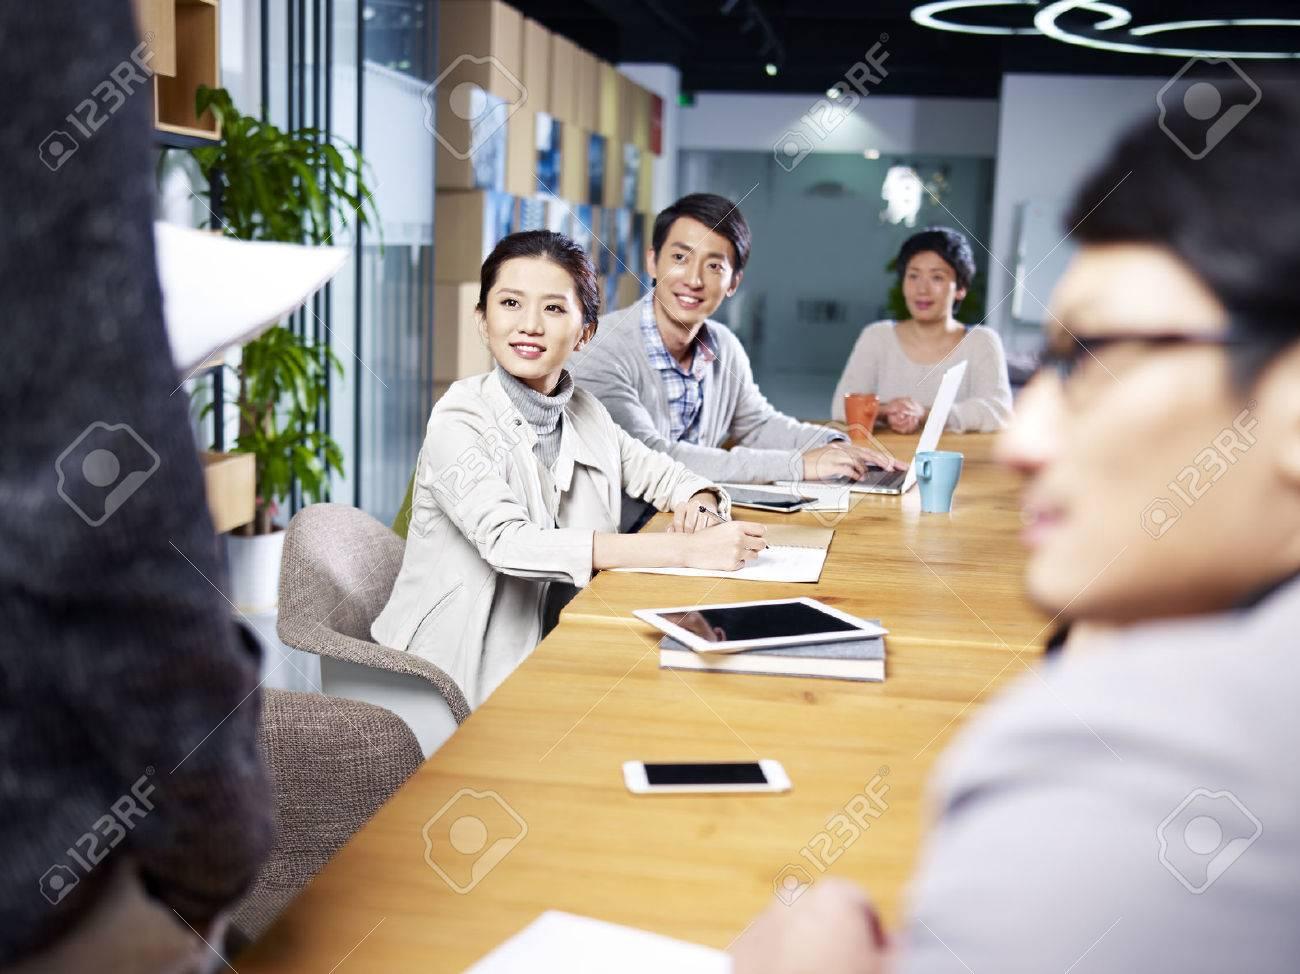 Une équipe de jeunes entrepreneurs asiatiques se réunissant au